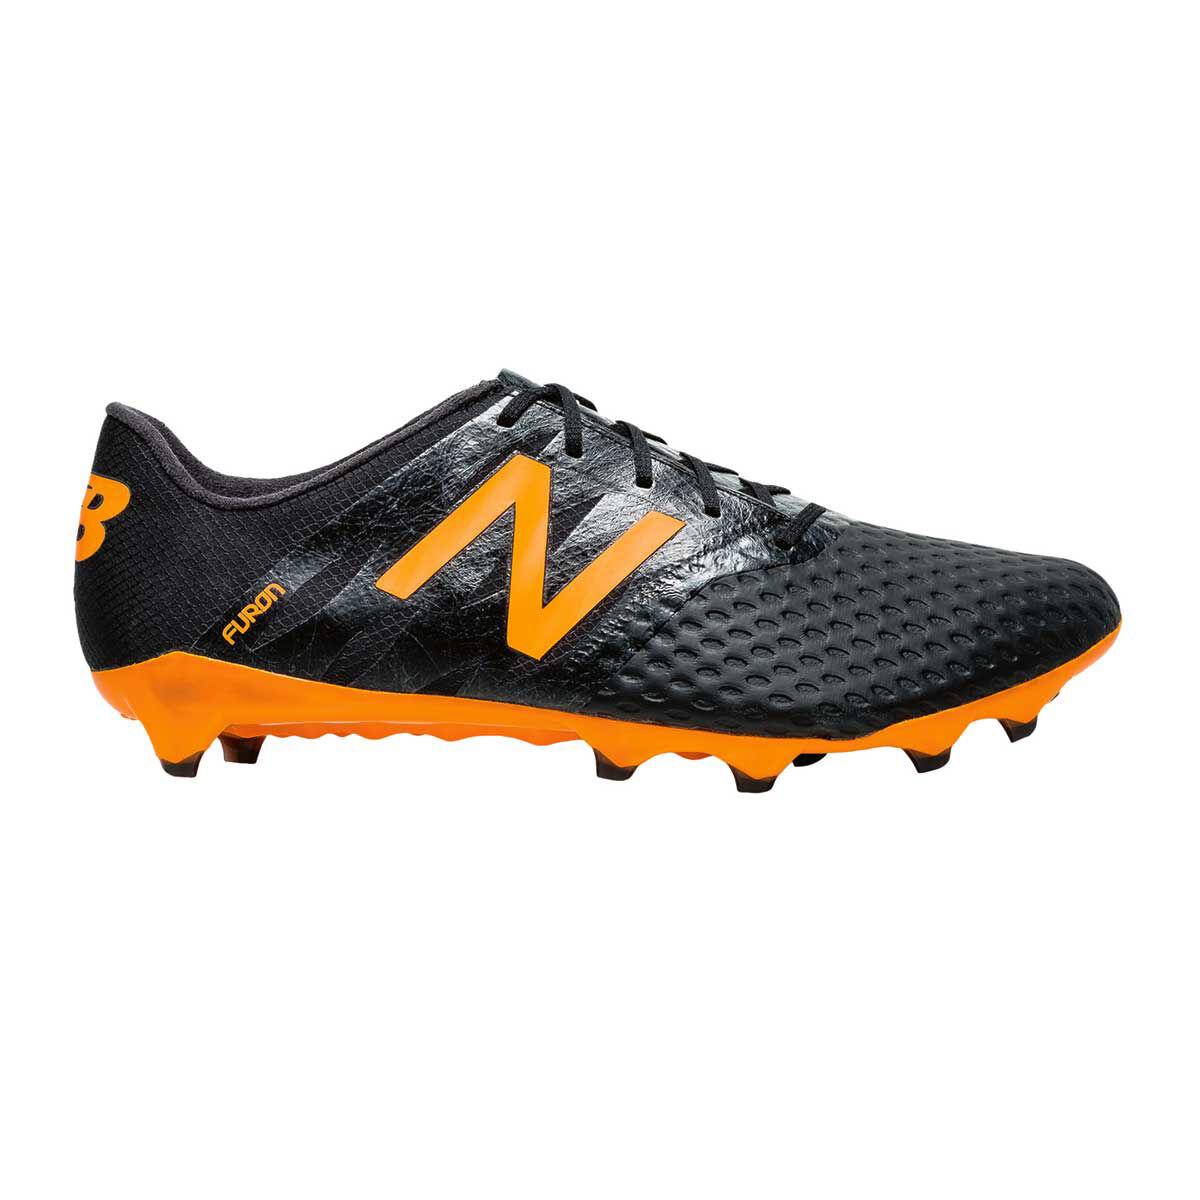 340da185af7 amazon new balance furon football boots ce7b9 2f44c